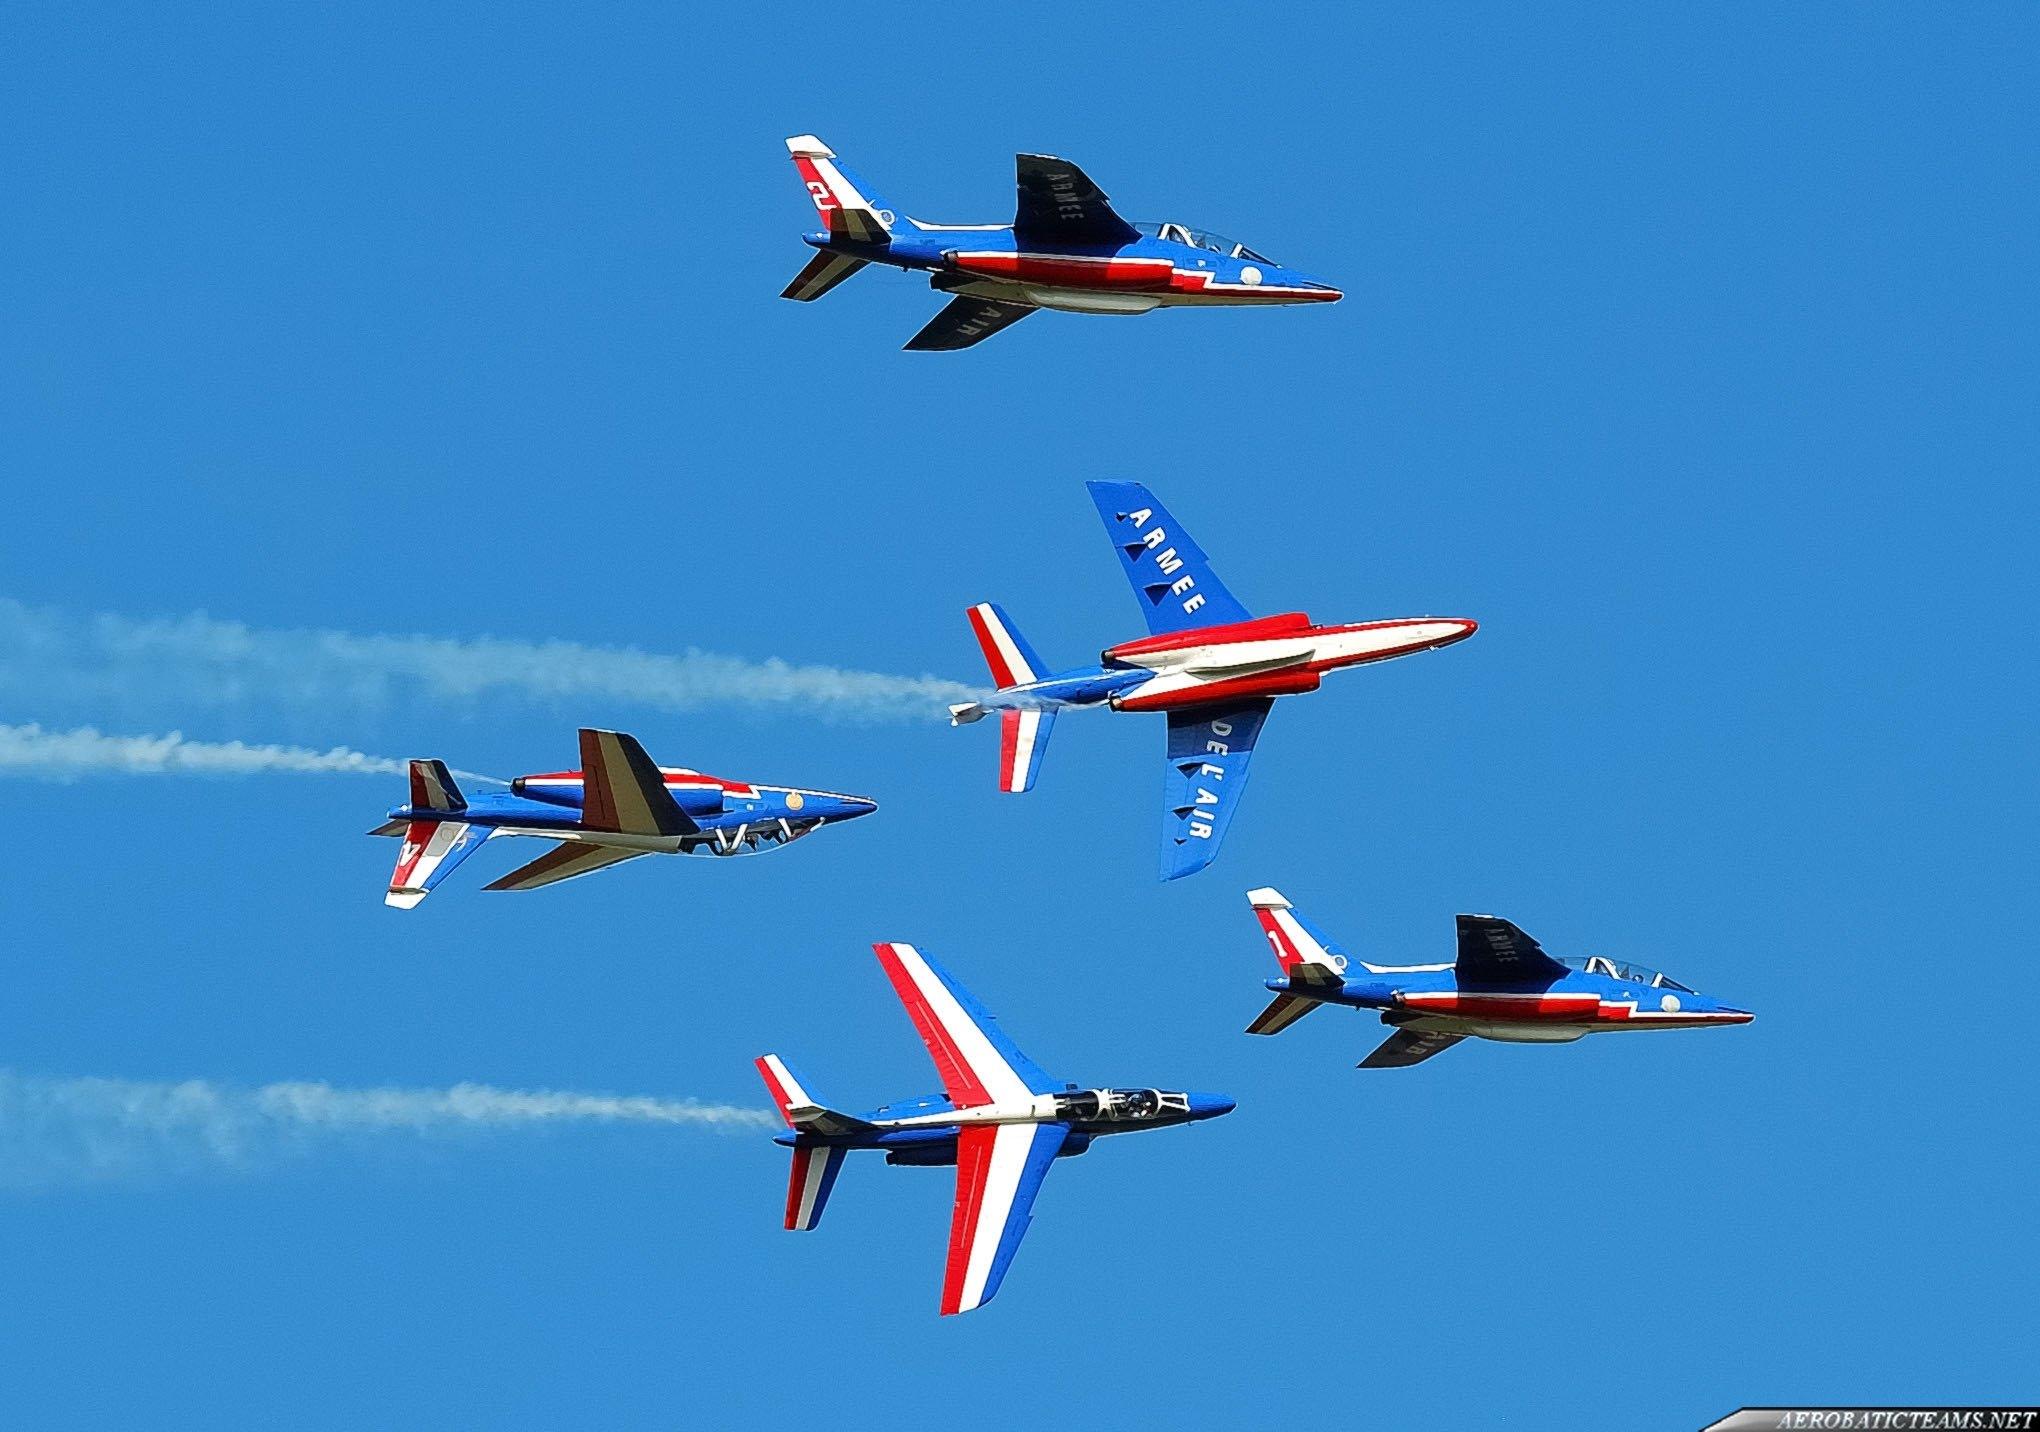 Patrouille De France present aircraft Alpha Jet